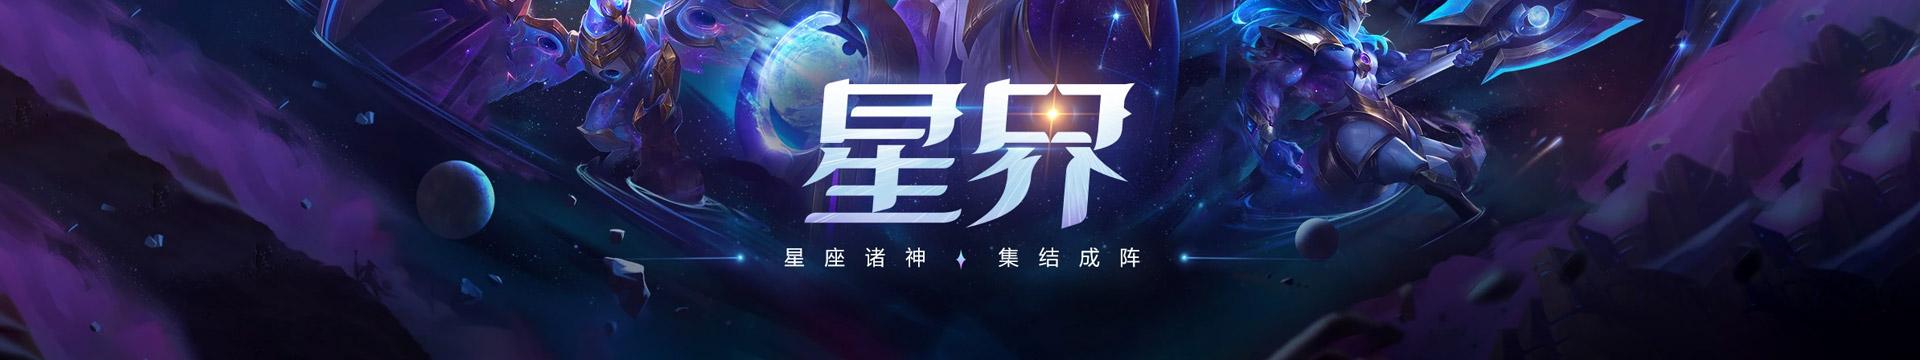 英雄联盟10.24版本更新 星界系列皮肤上线